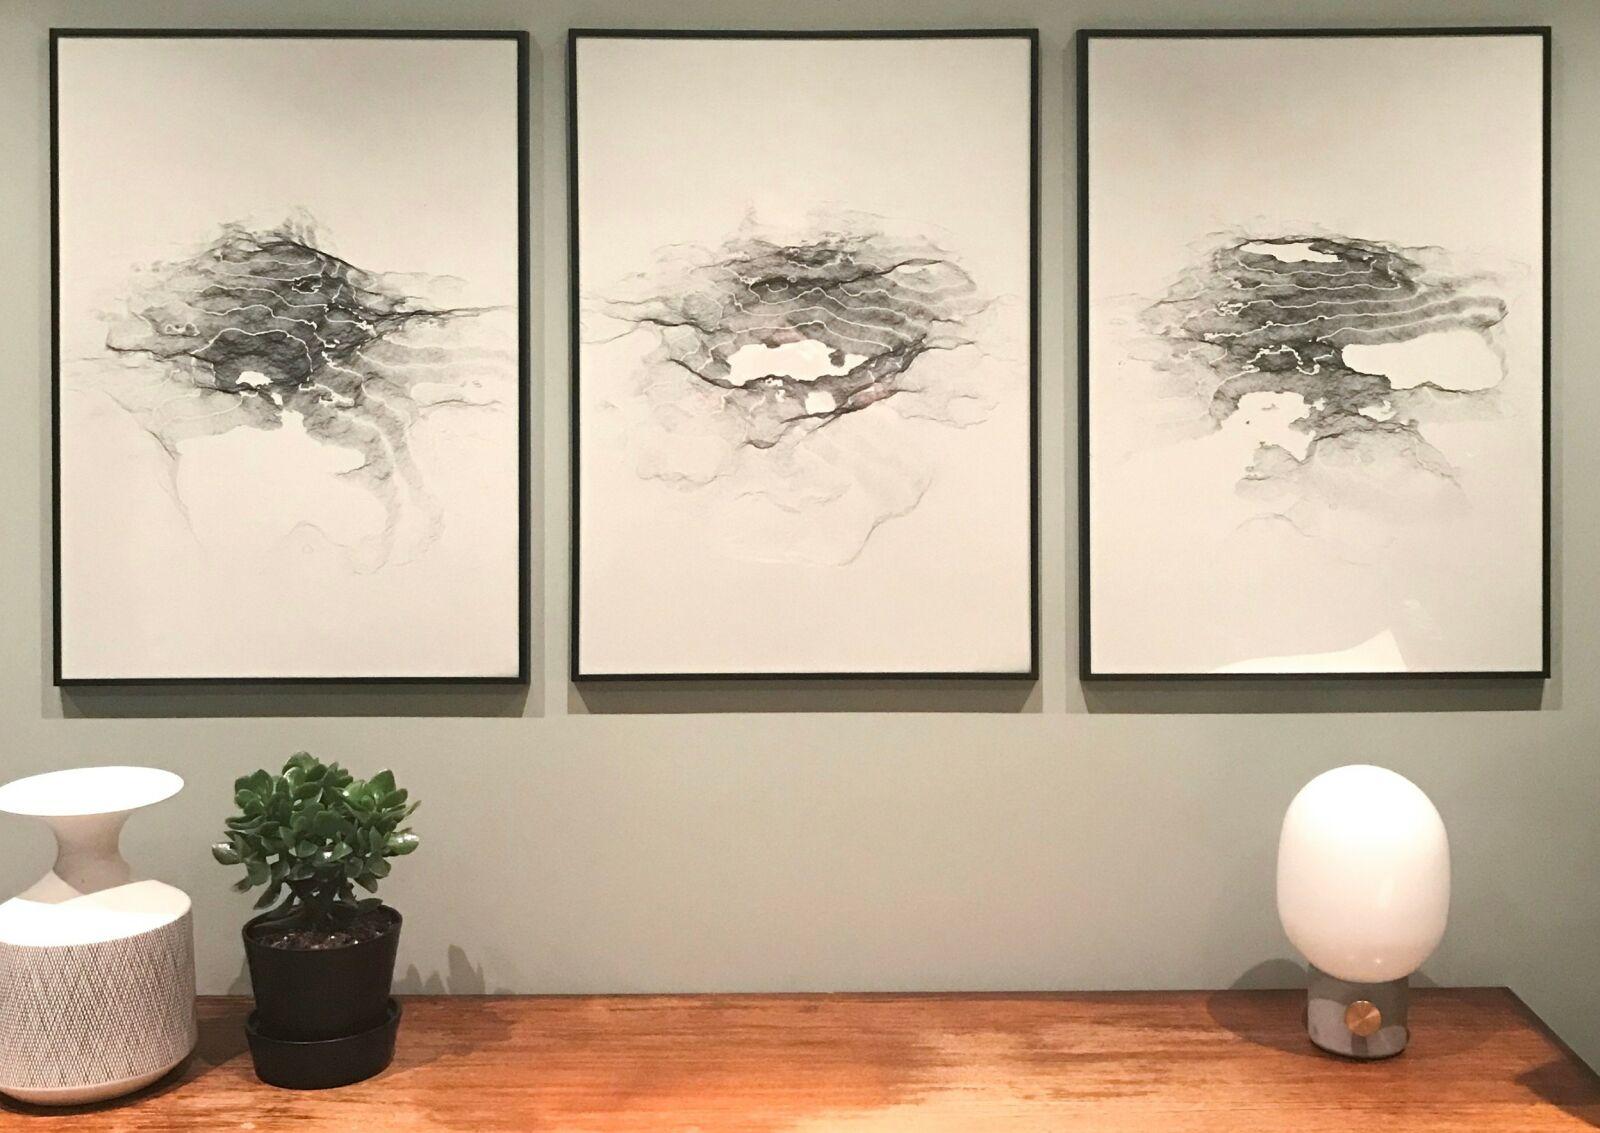 Kjetil M. Golid selger utvalgte verk som print. På den måten kan du få resultatet av kode på veggen. 📸: Kjetil M. Golid